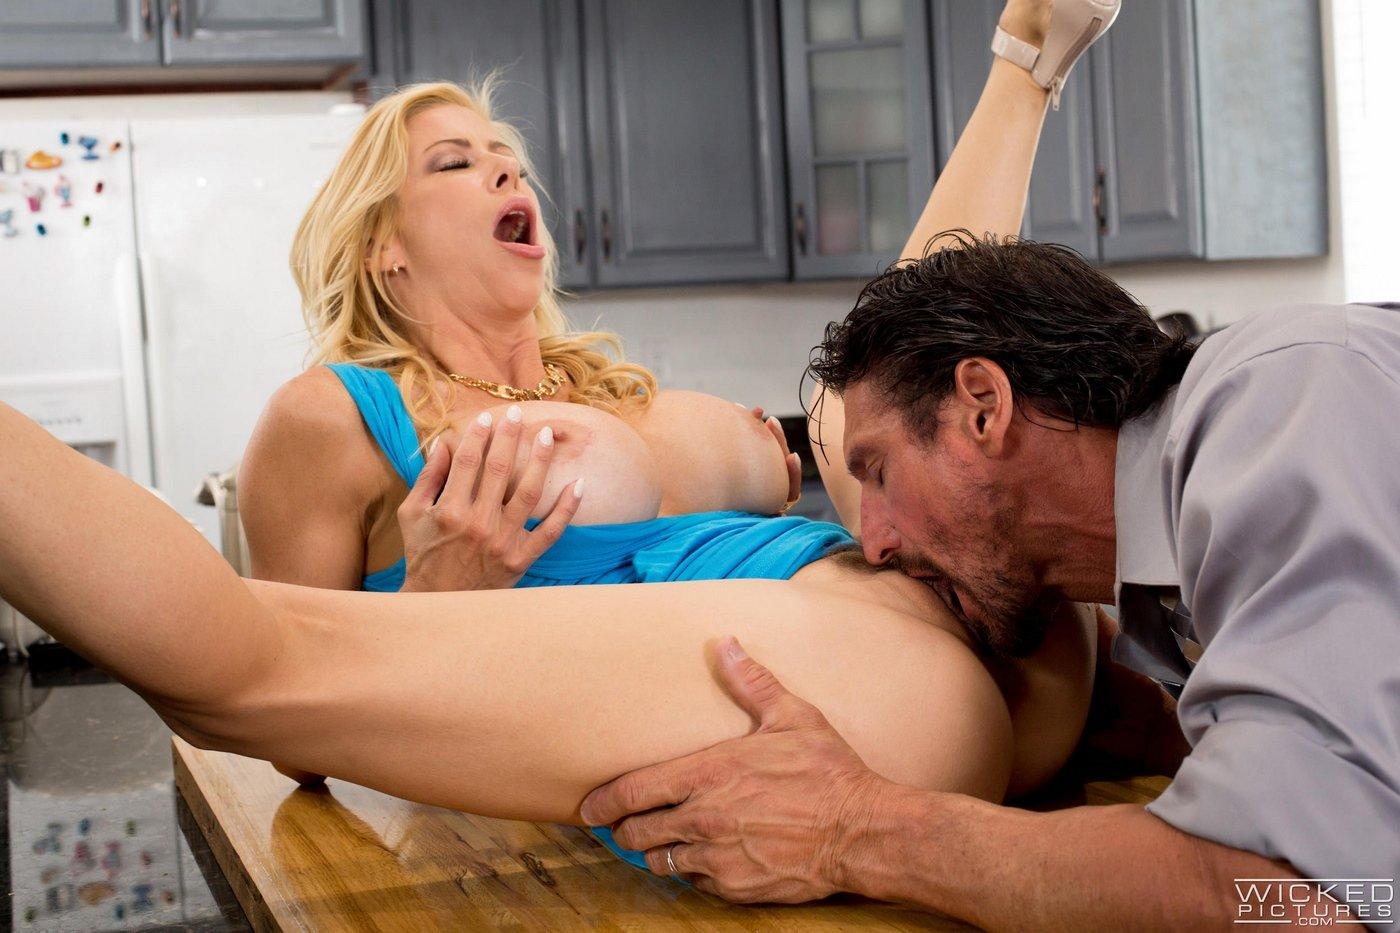 Сисястая домработница порно, Домохозяйки порно видео, секс с уборщицей 18 фотография